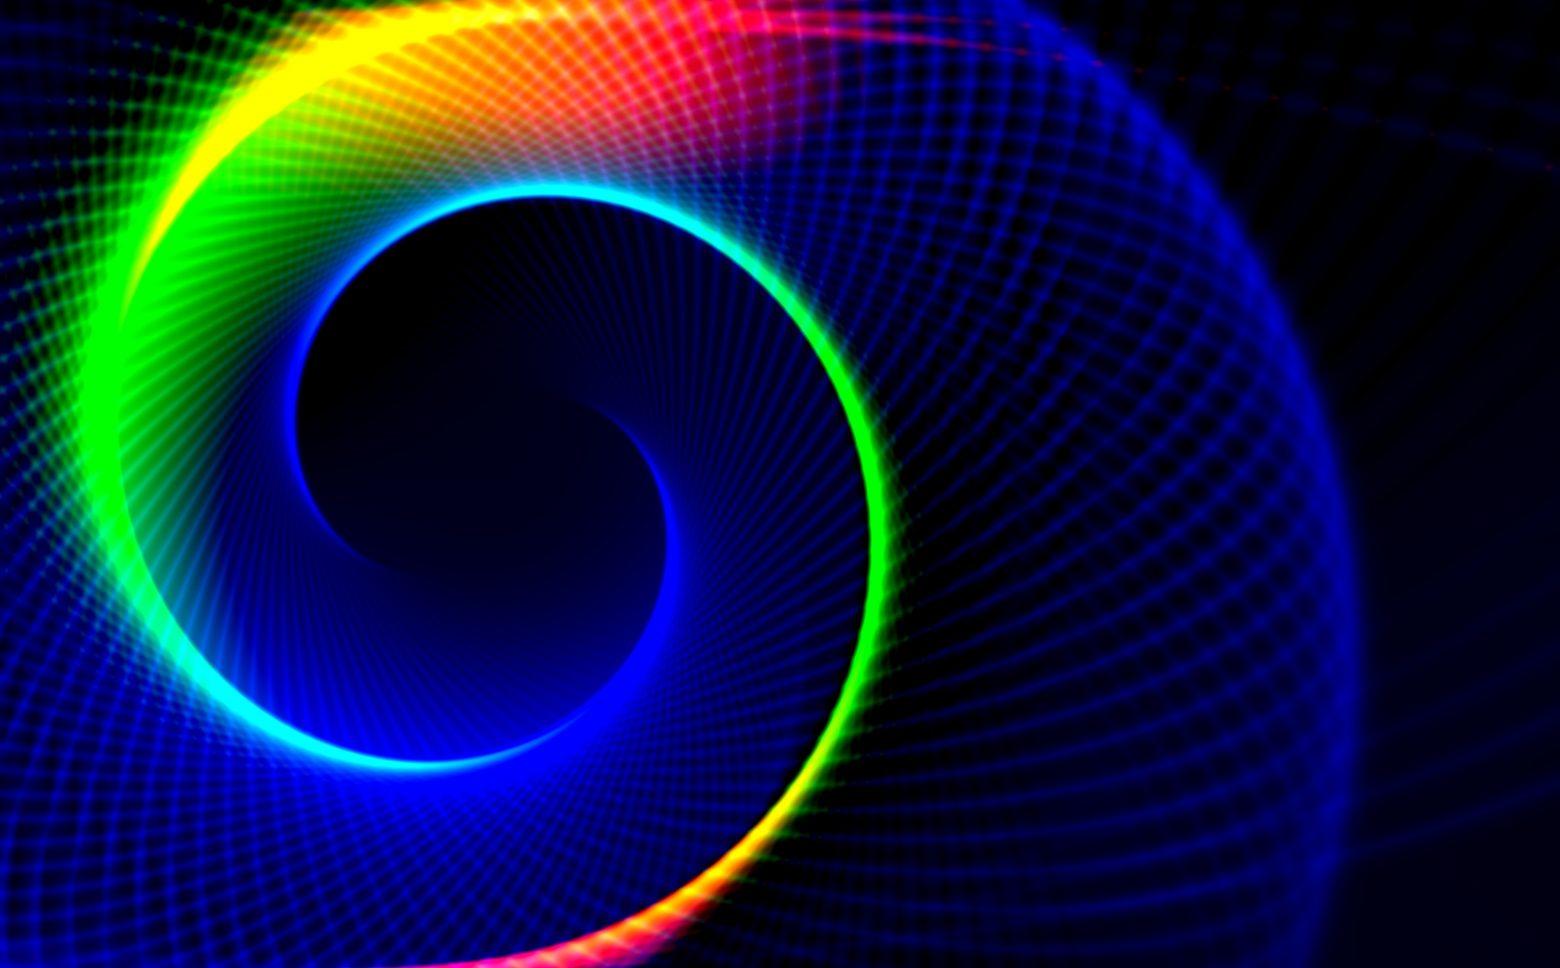 spiral-3175042